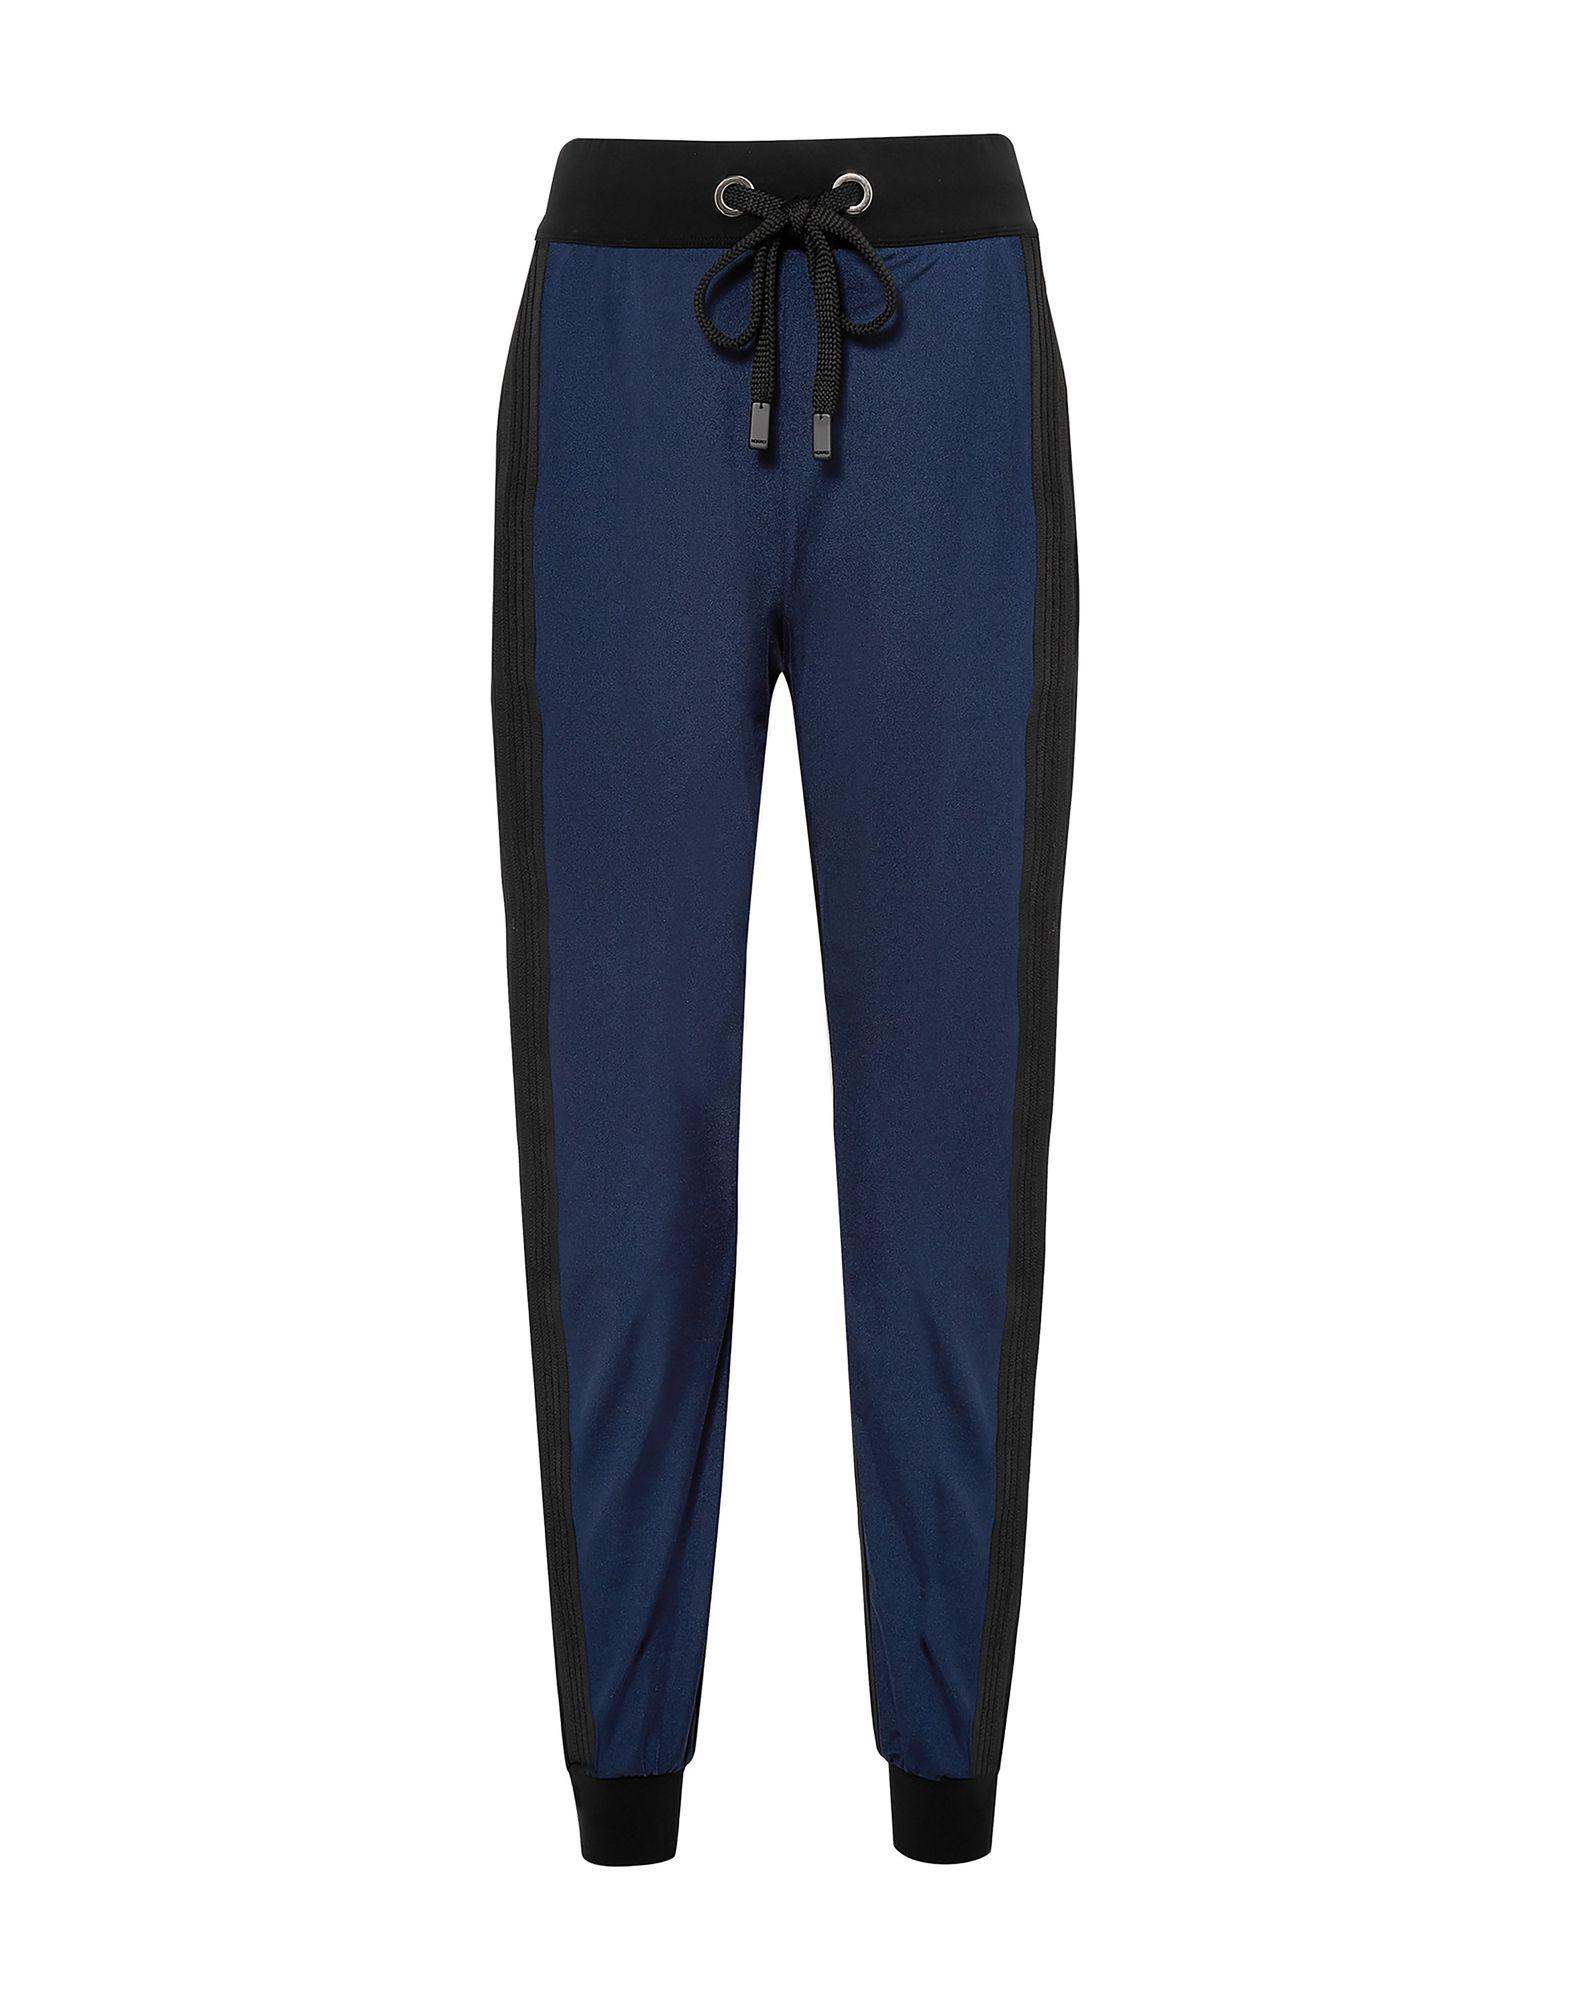 NO KA 'OI Повседневные брюки ruibi ka marc rebecca тонкий брюки карандаш пригородный костюм брюки тонкие брюки 72012k темно серый код m